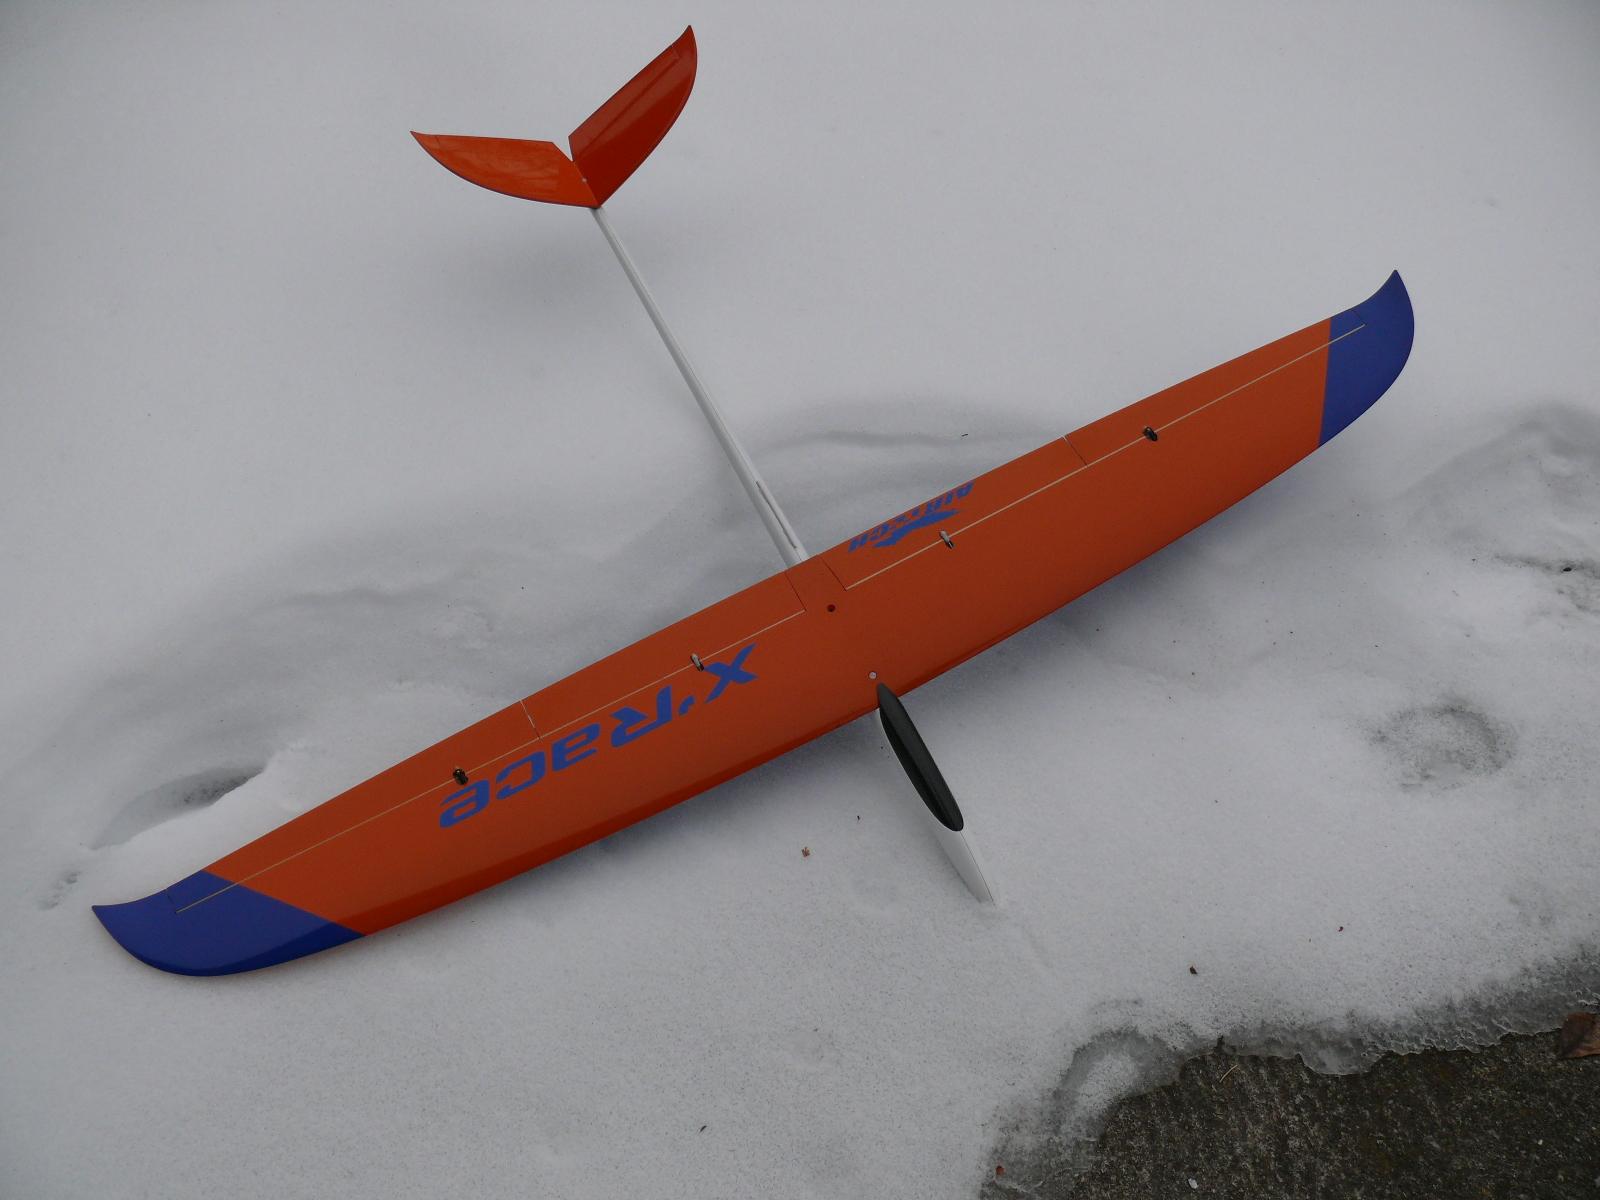 A vendre o echanger x 39 race airtech 1m52 j 39 offre forum rc tech - Colis encombrant poste ...